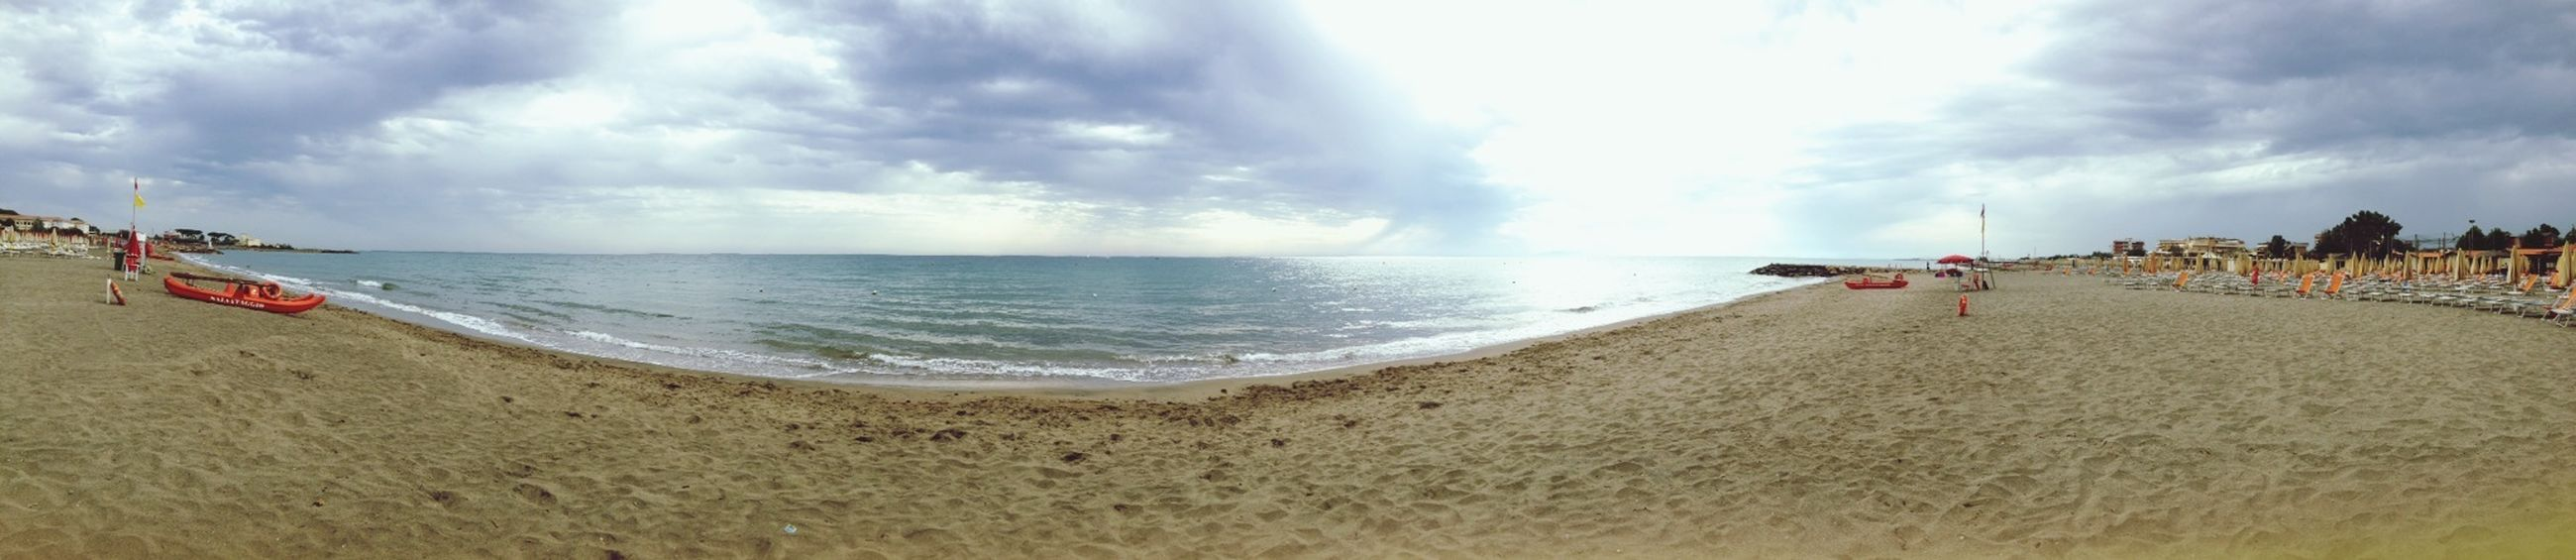 Sea Nuvoloso Summer Seaside